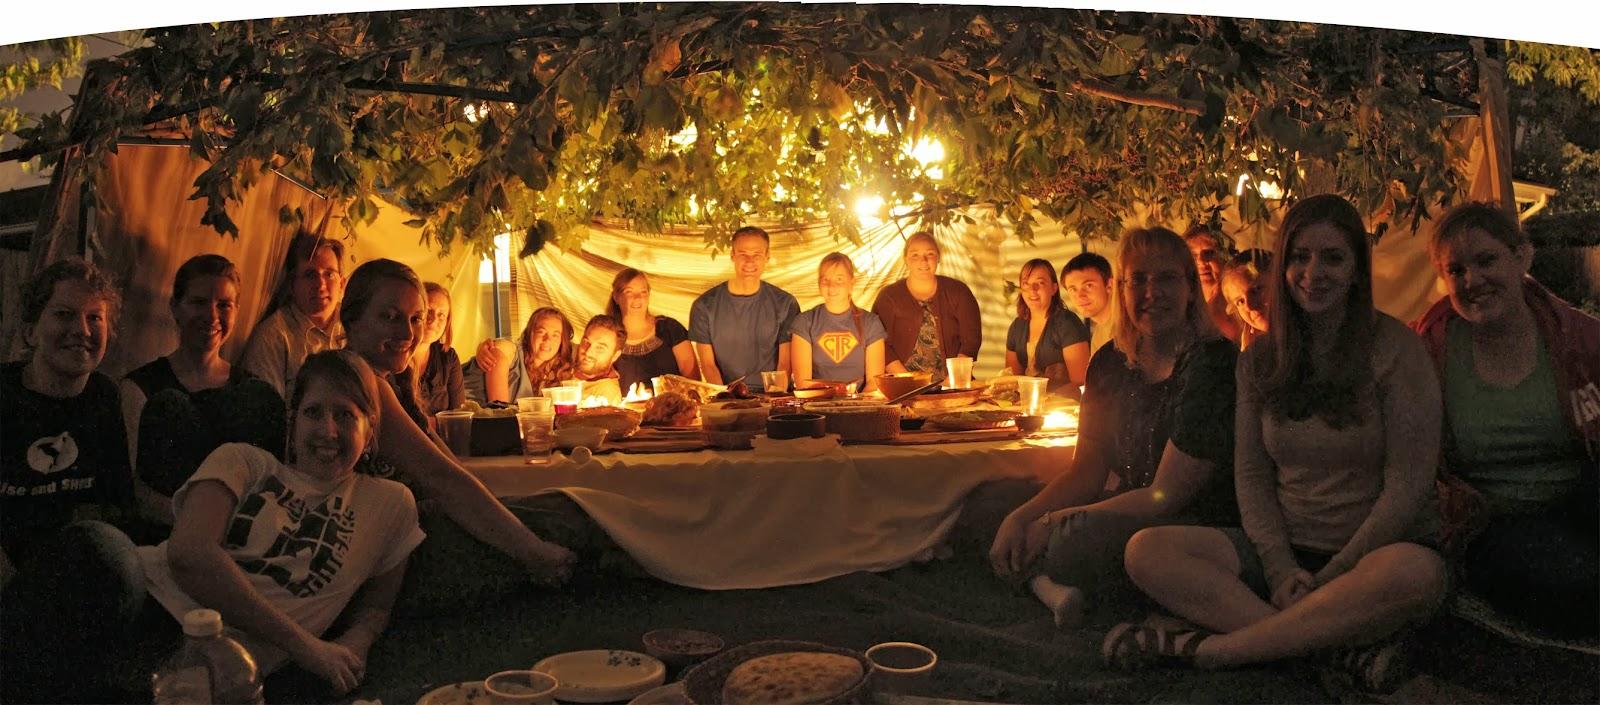 Redeemer of Israel: Feast of Tabernacles (Sukkot) 2013